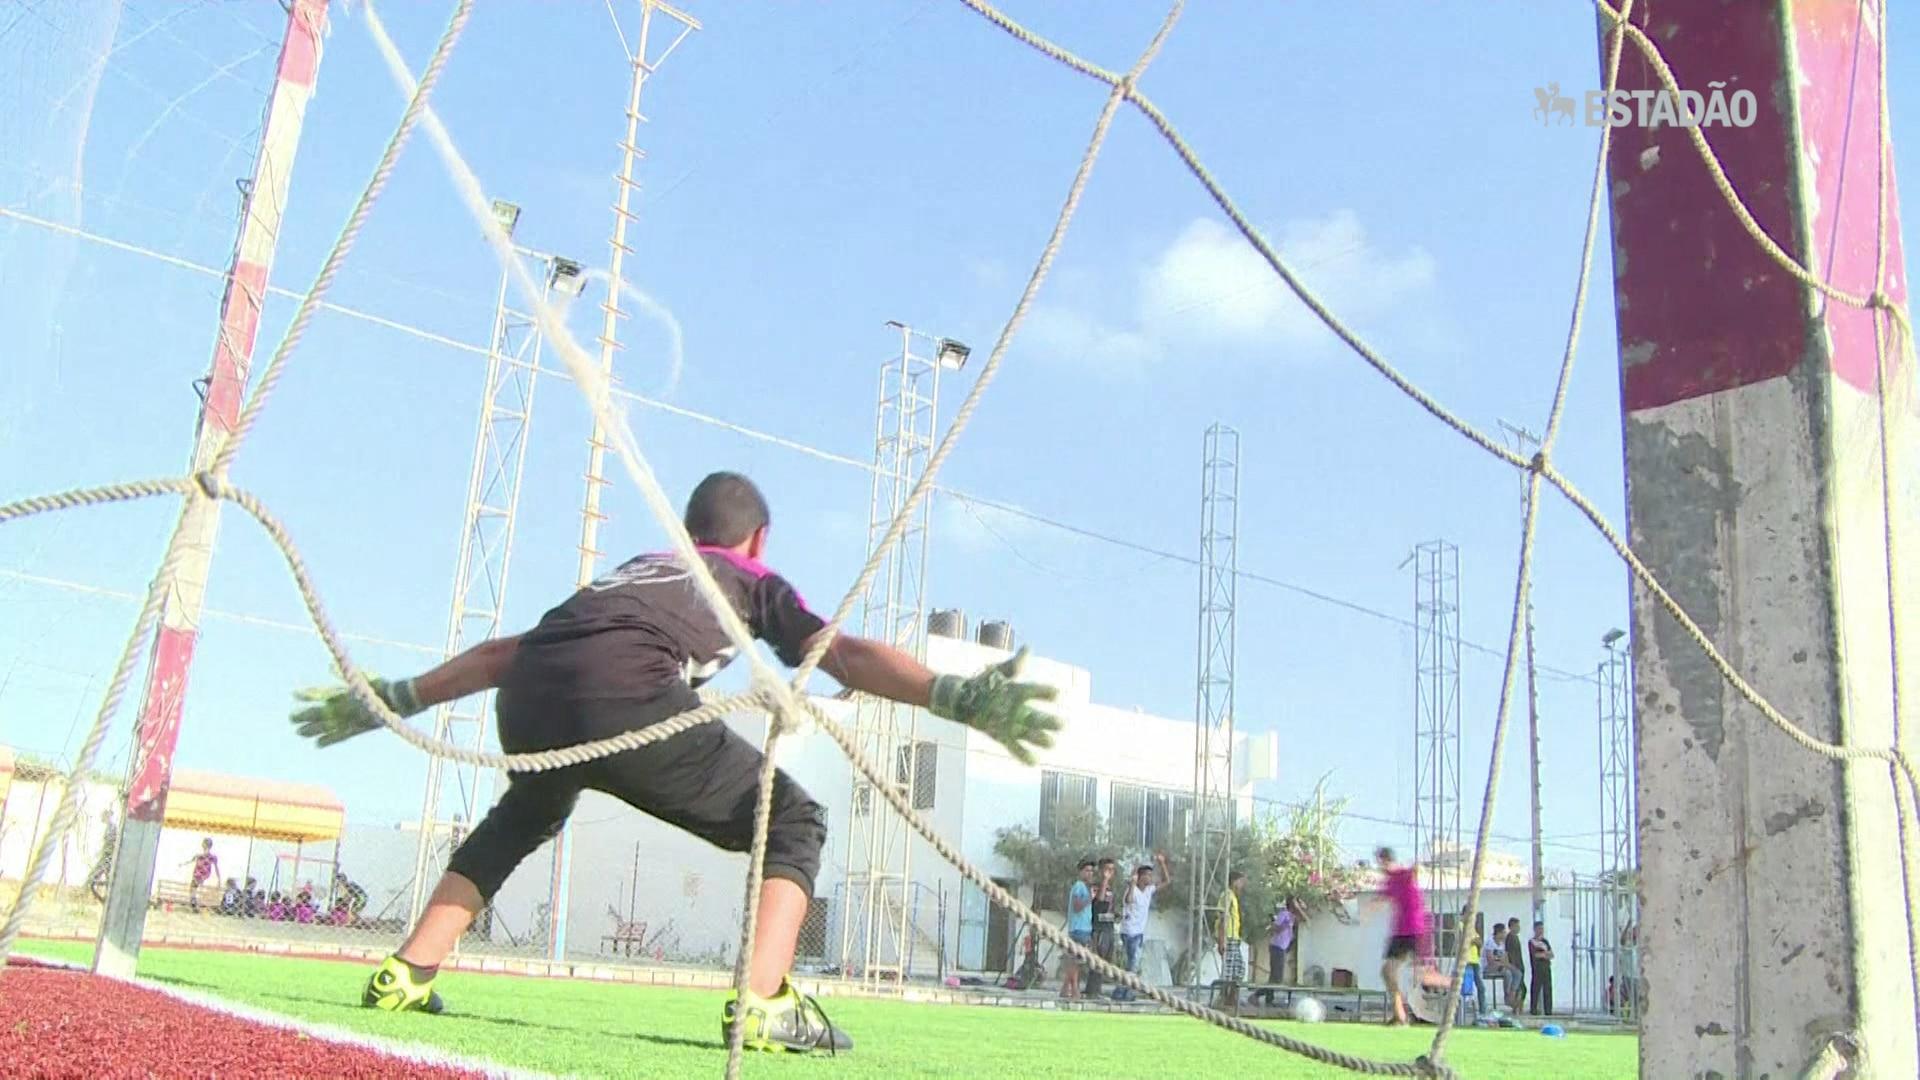 Meninos de Gaza viajam com o futebol